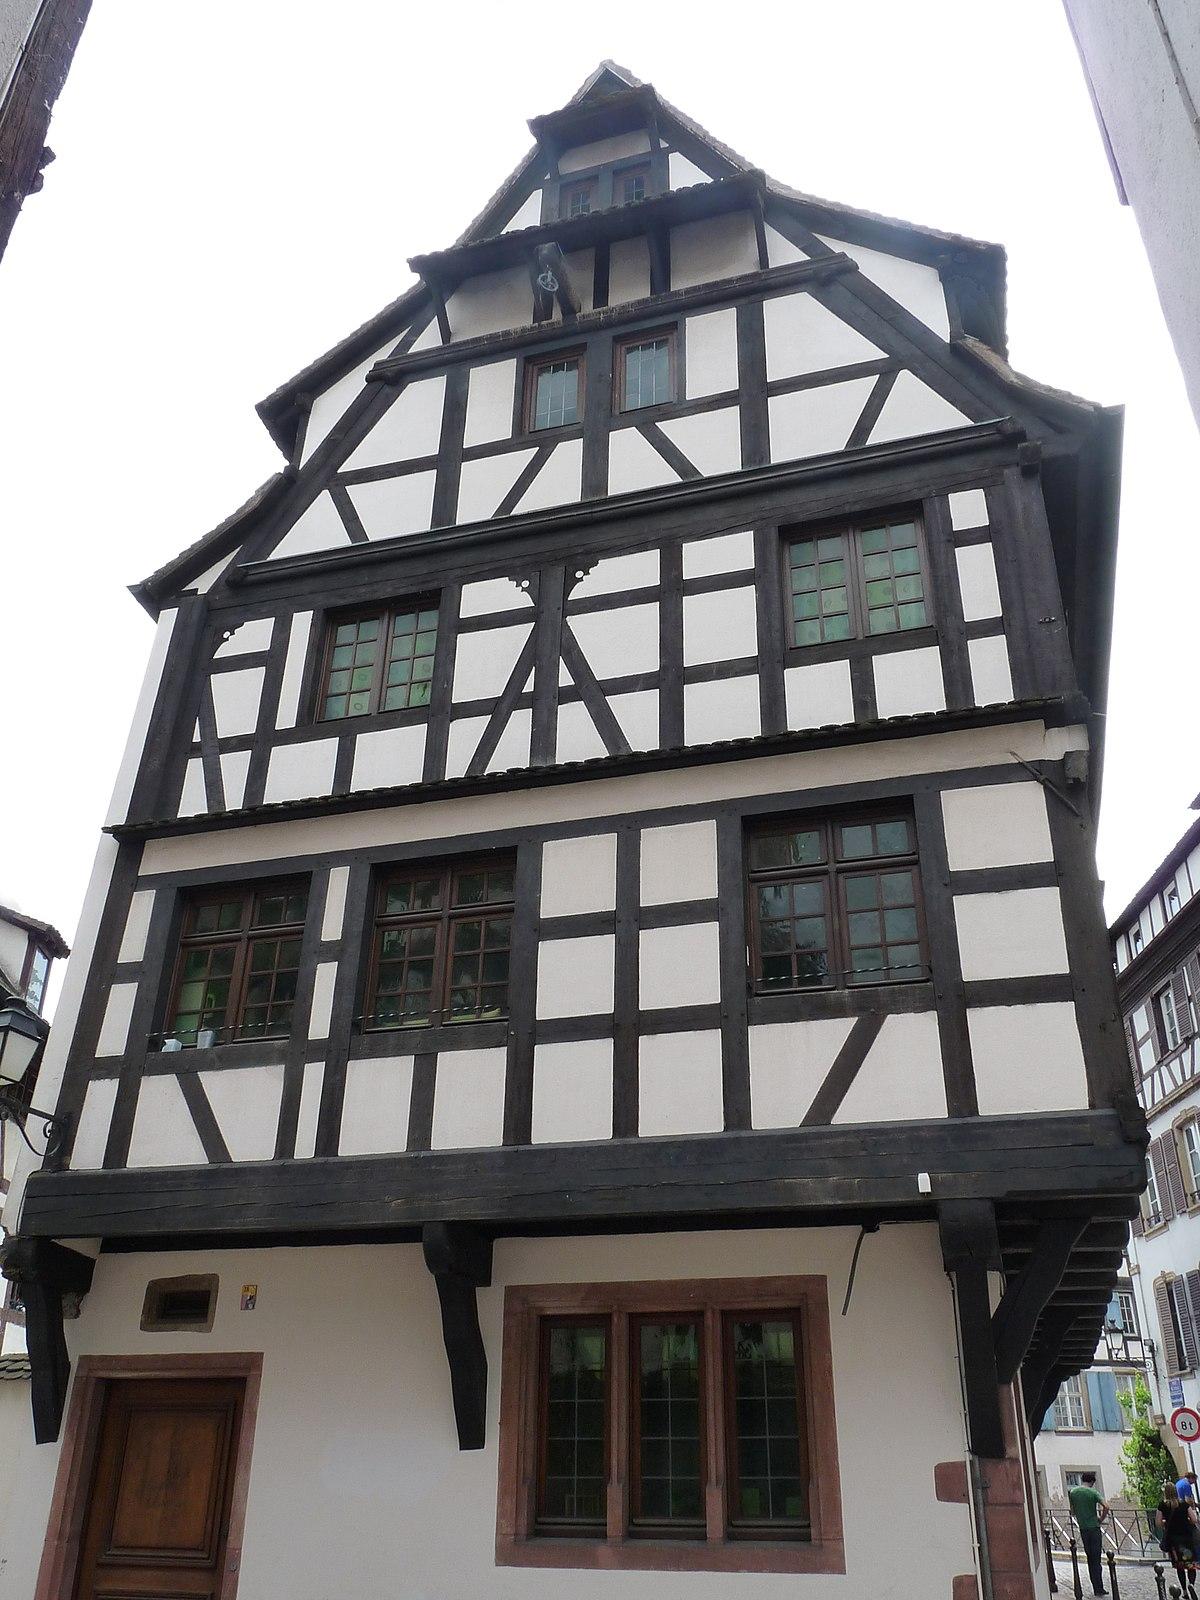 Maison au 40 rue du bain aux plantes strasbourg wikip dia for Rue du miroir strasbourg